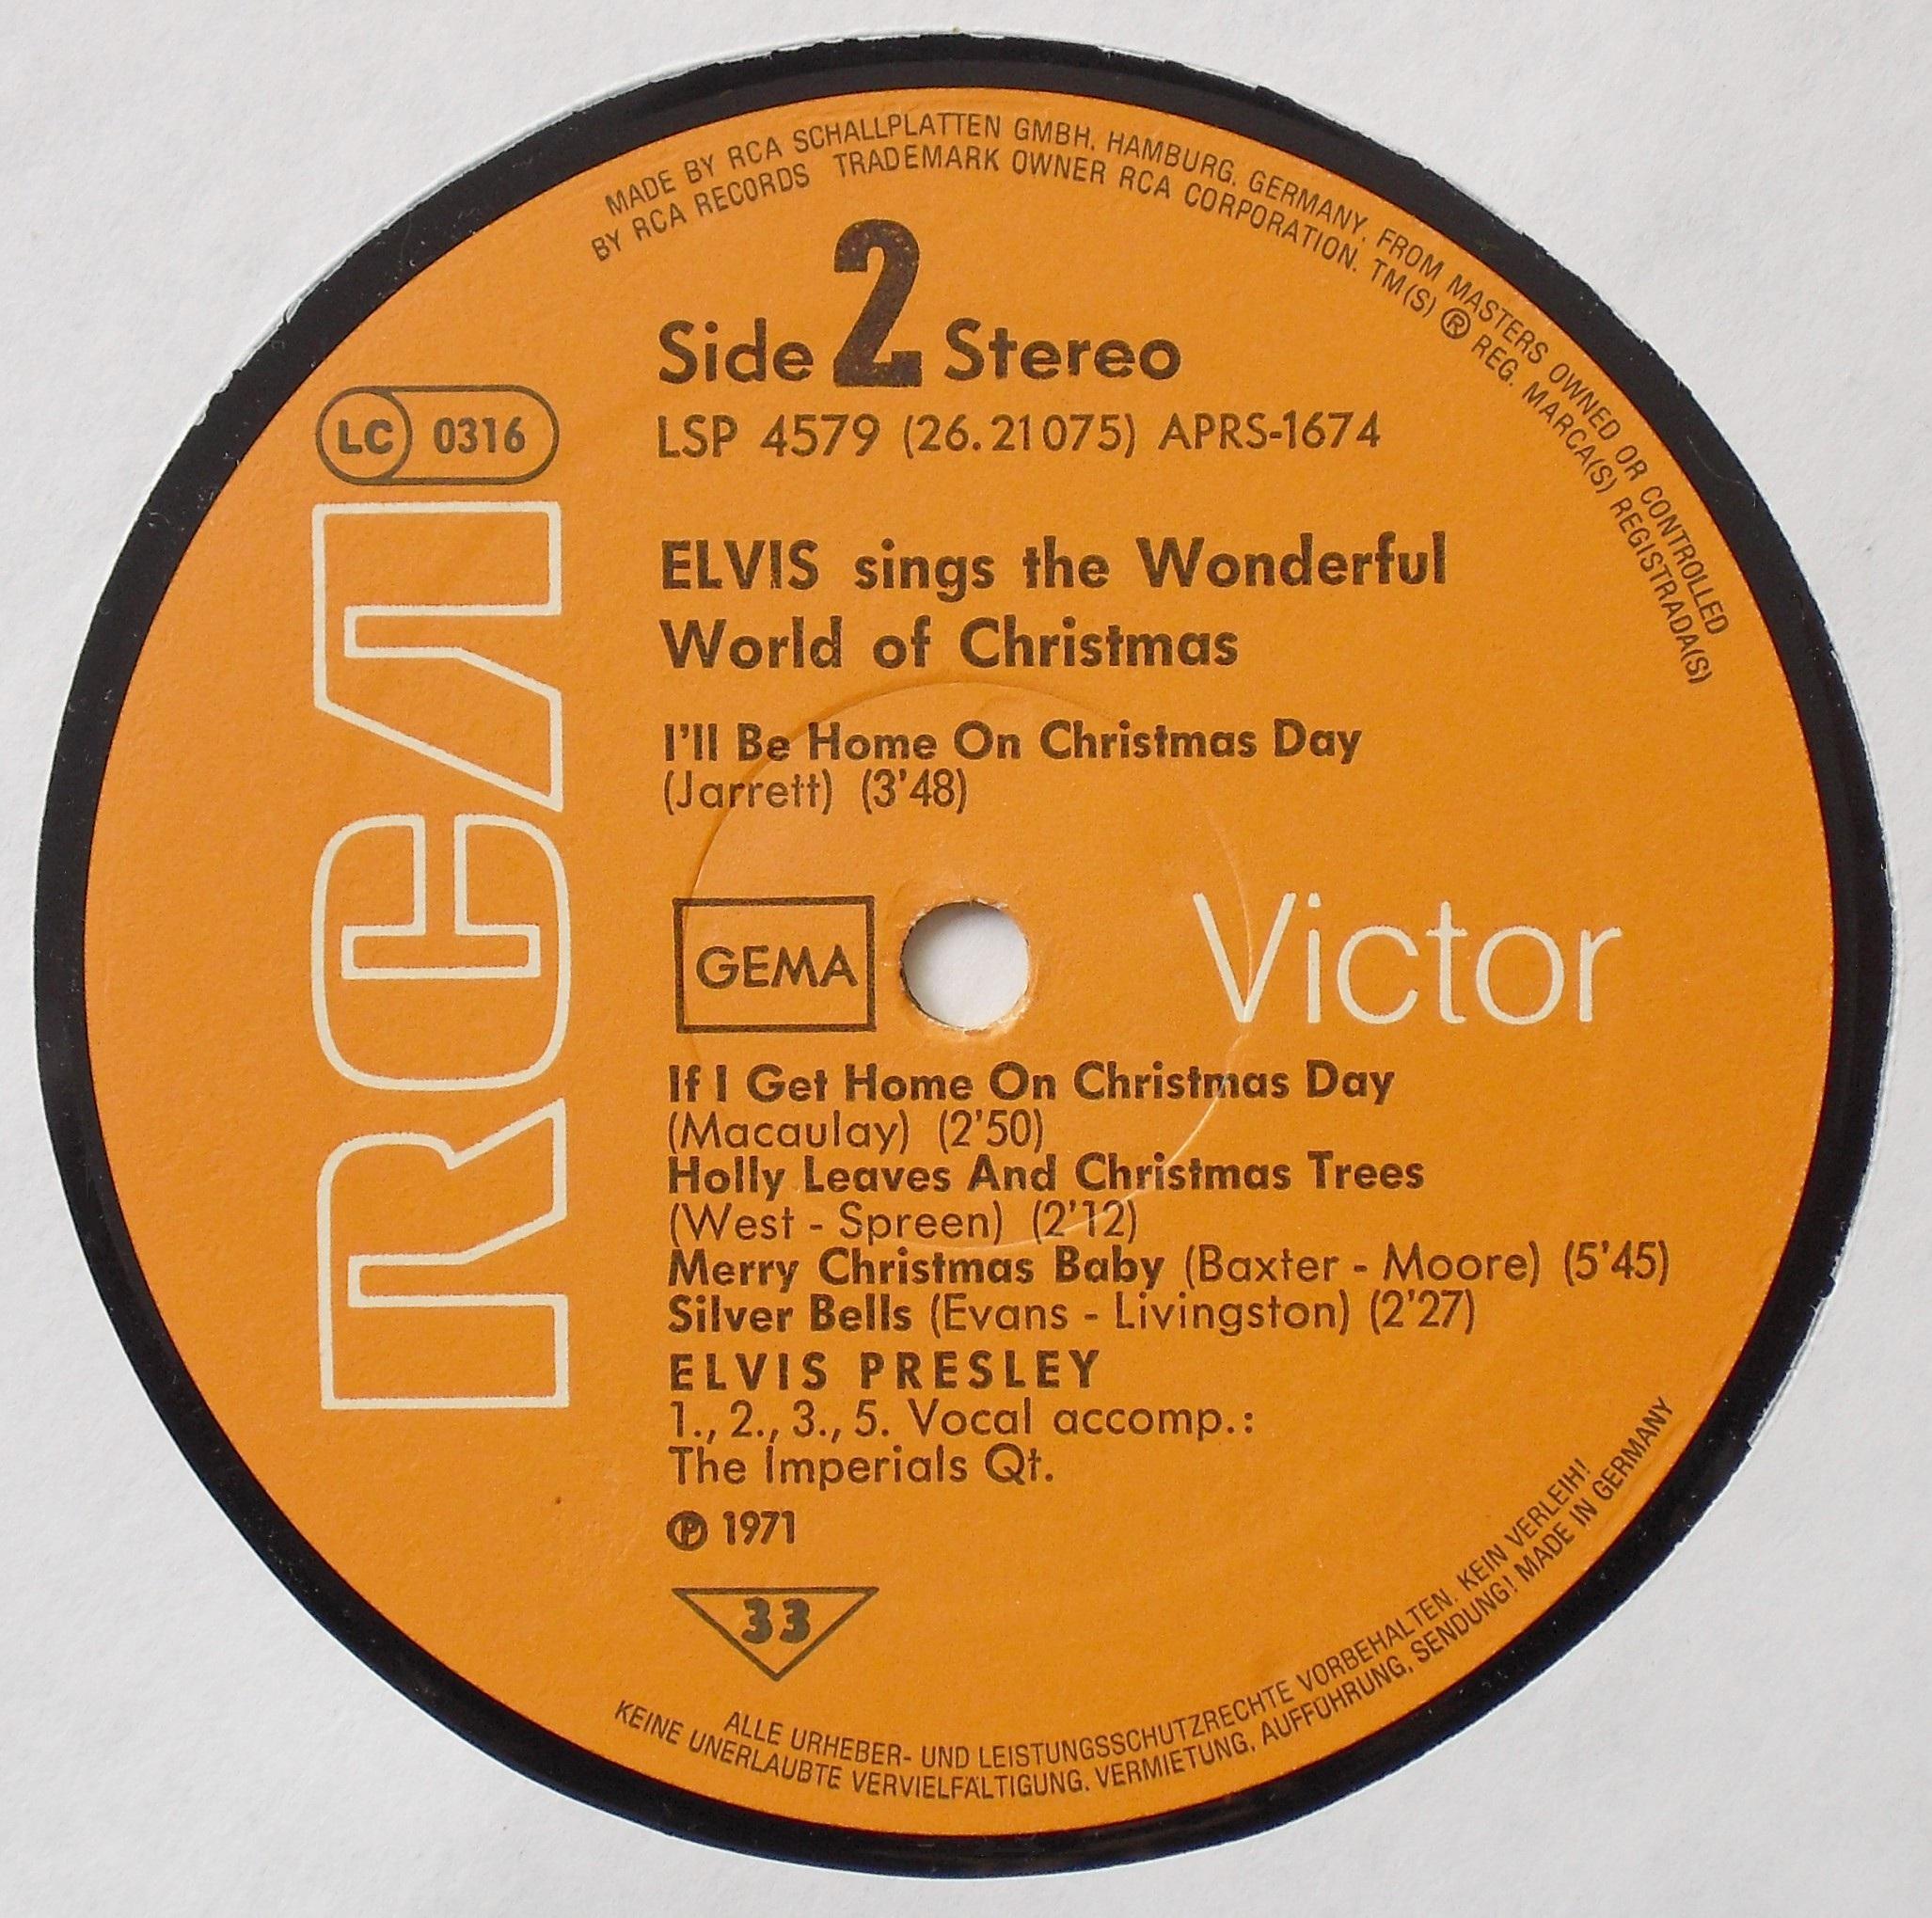 ELVIS SINGS THE WONDERFUL WORLD OF CHRISTMAS 03s2evj21